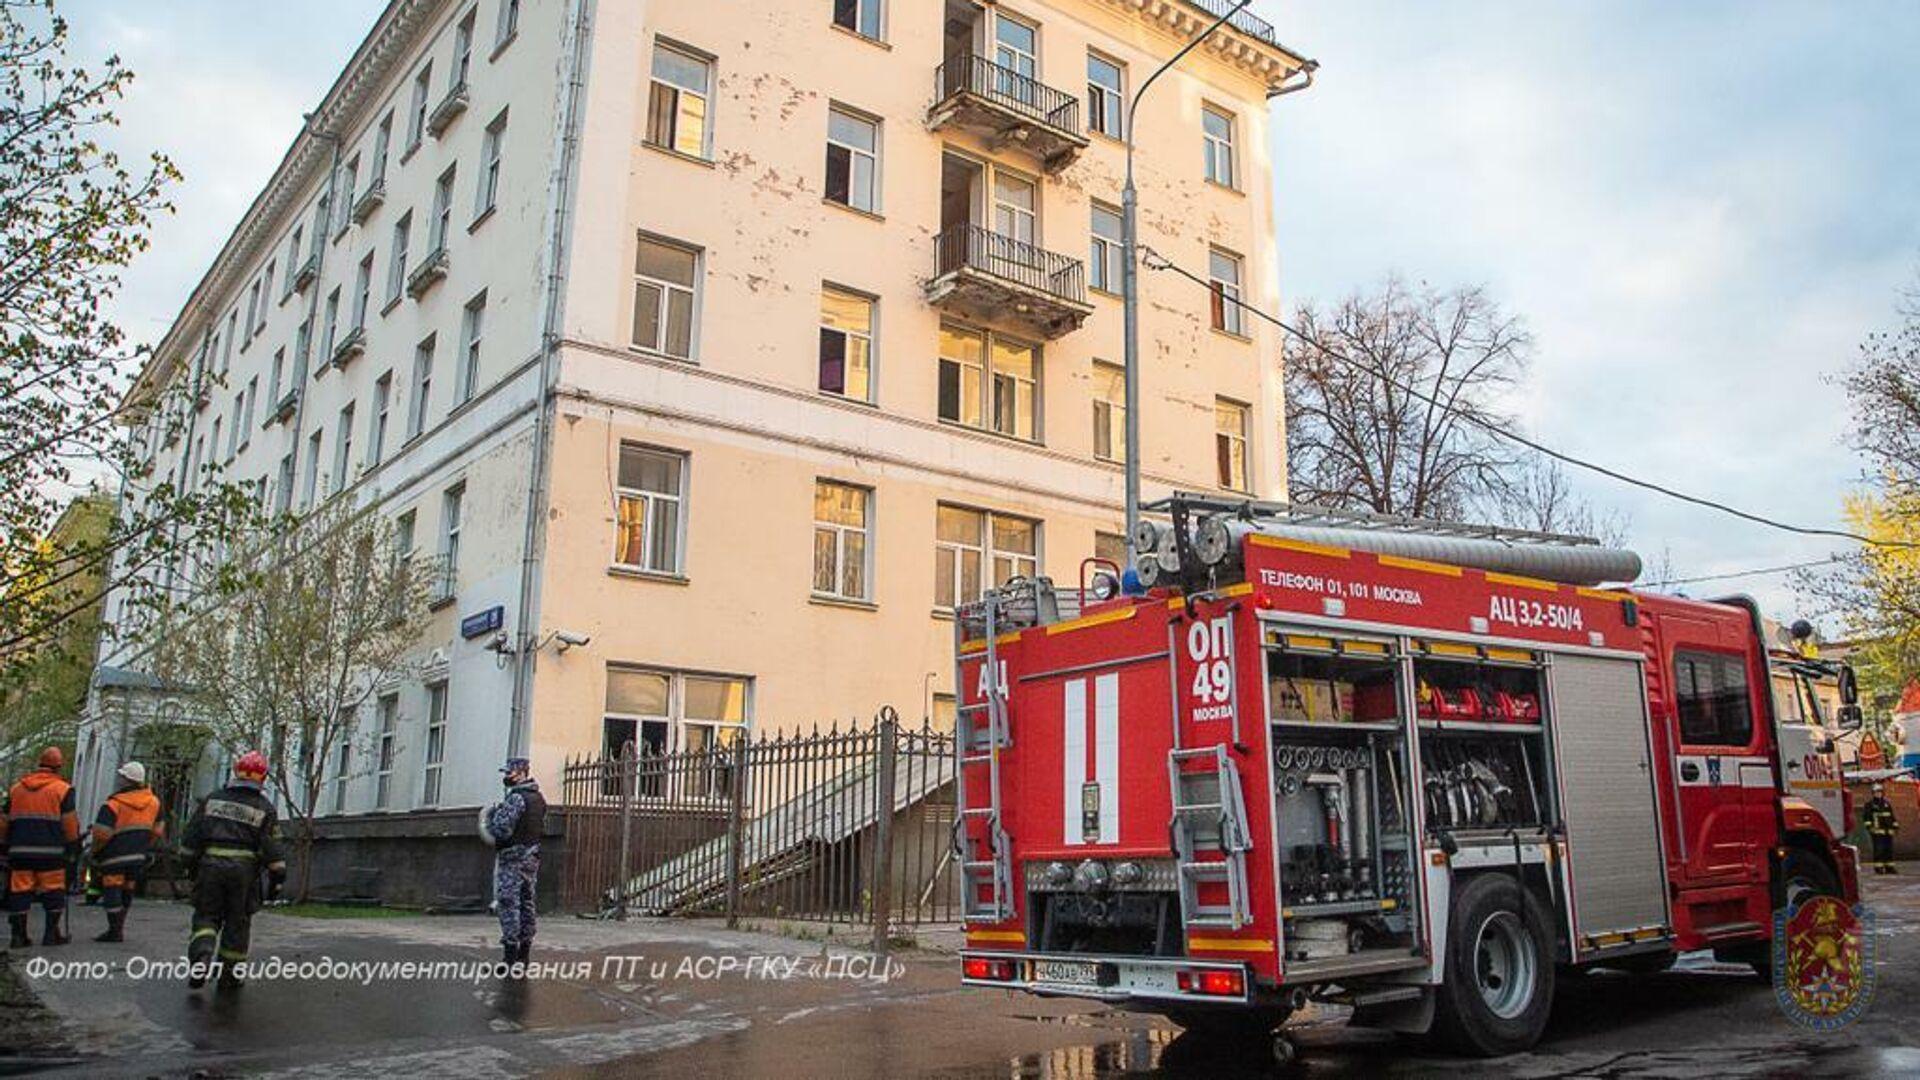 Пожар в гостинице Вечный зов-Кожуховская в Москве - РИА Новости, 1920, 04.05.2021